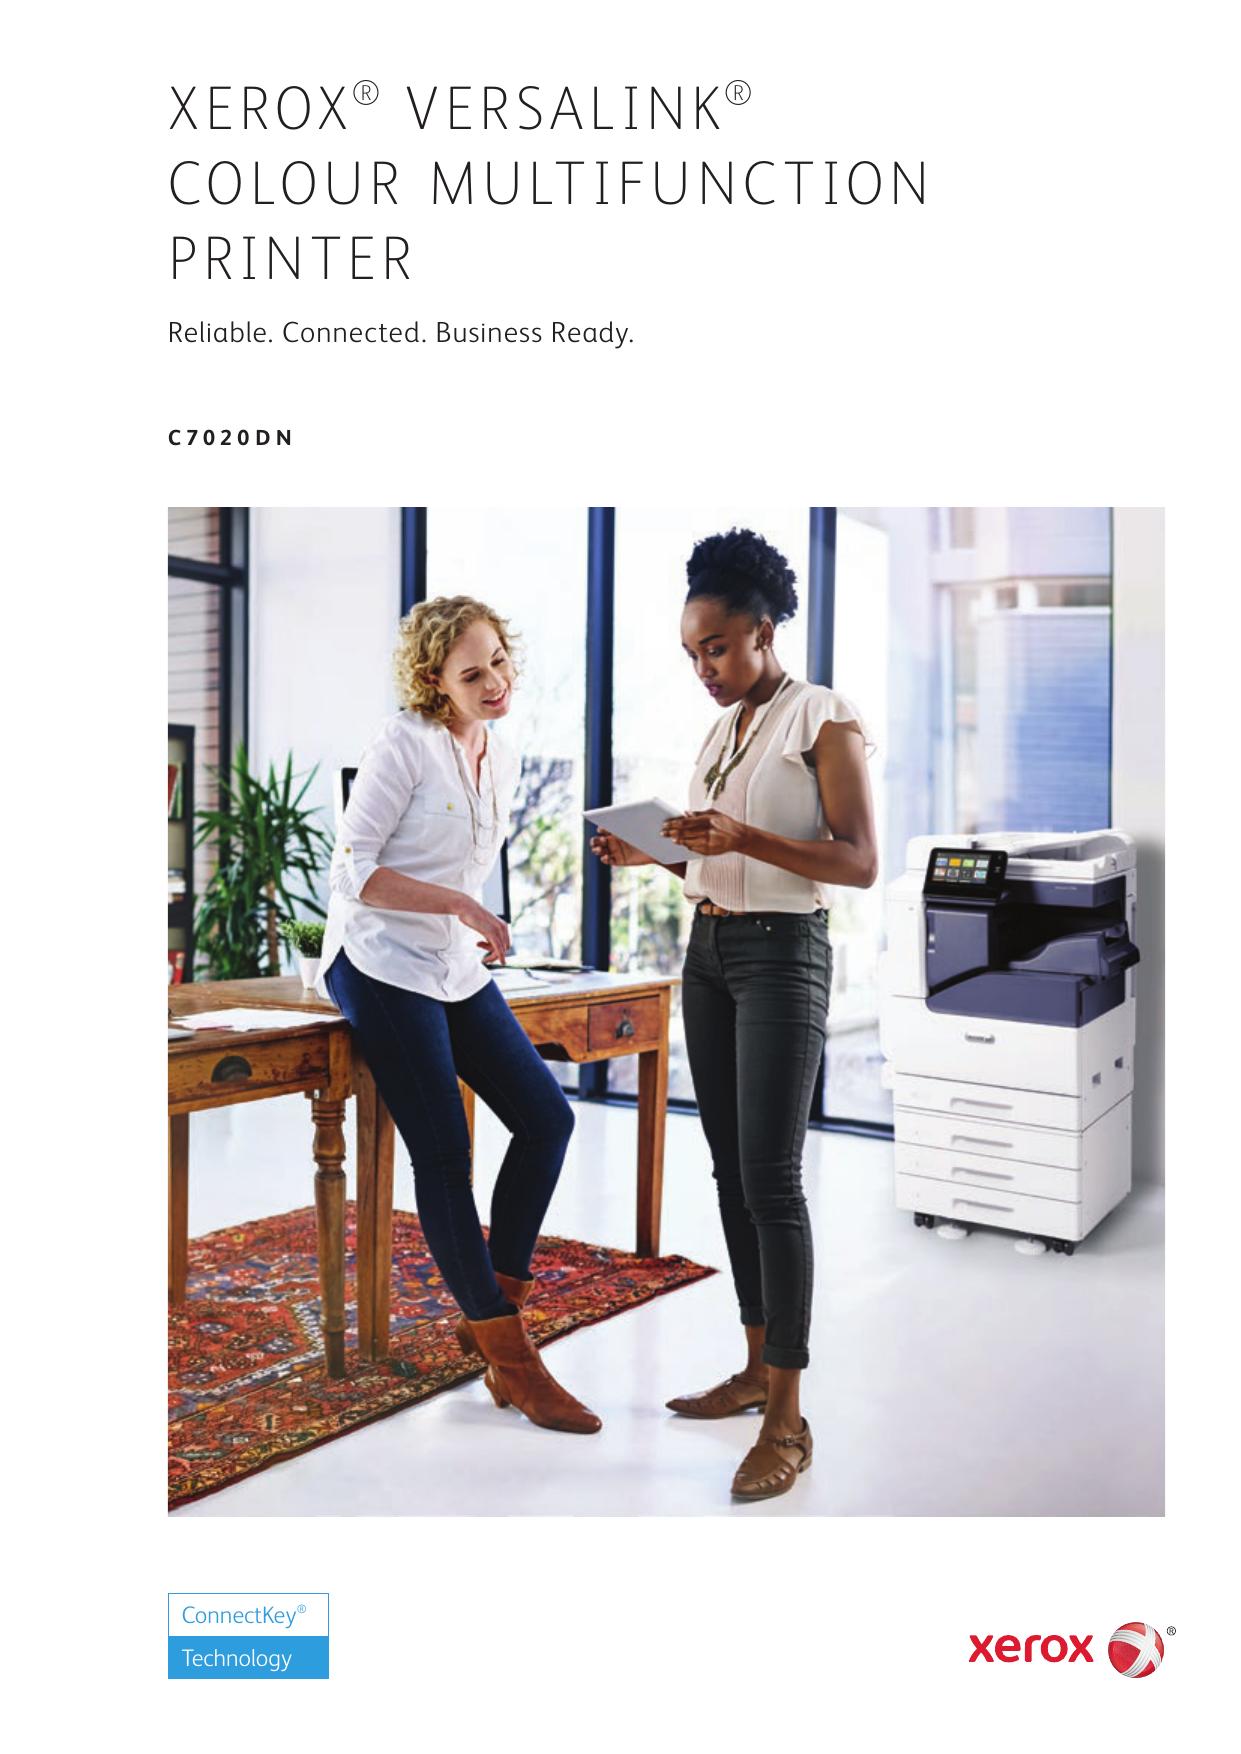 Xerox VersaLink C7020DN Color Multifunction Printer Brochure